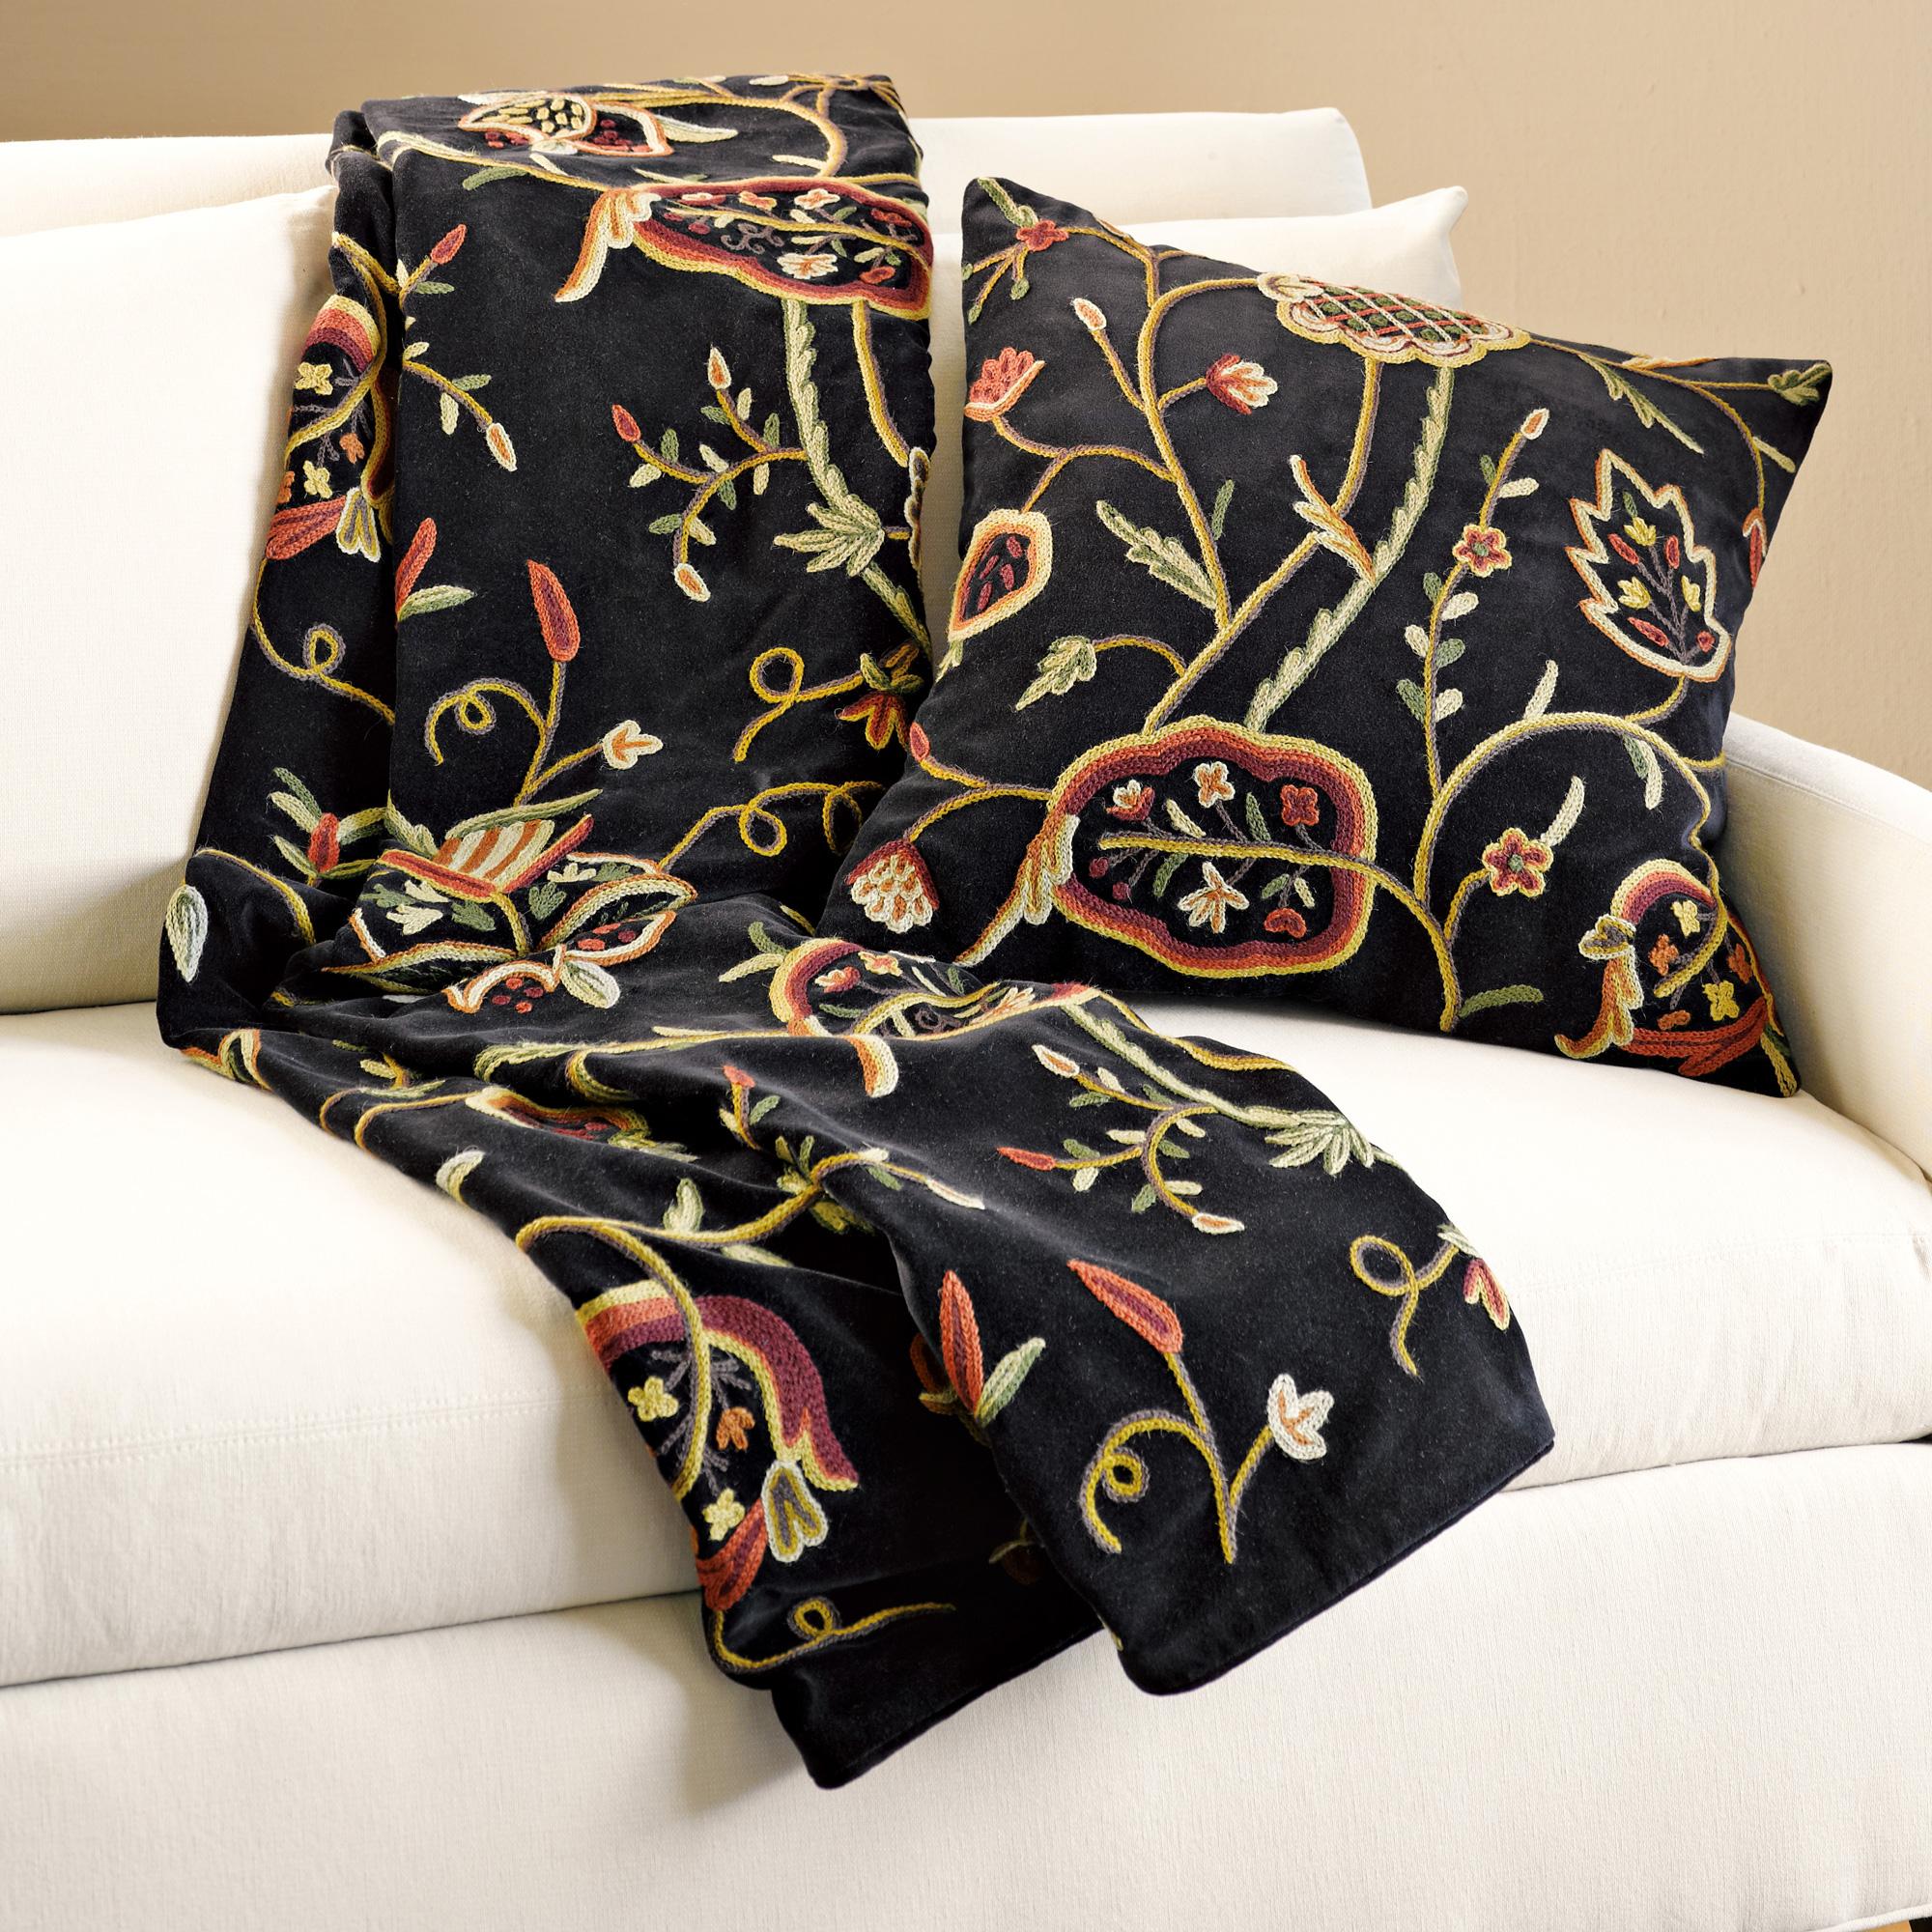 Throw Pillows Home : Botanical Crewel Throw & Pillow Gump s